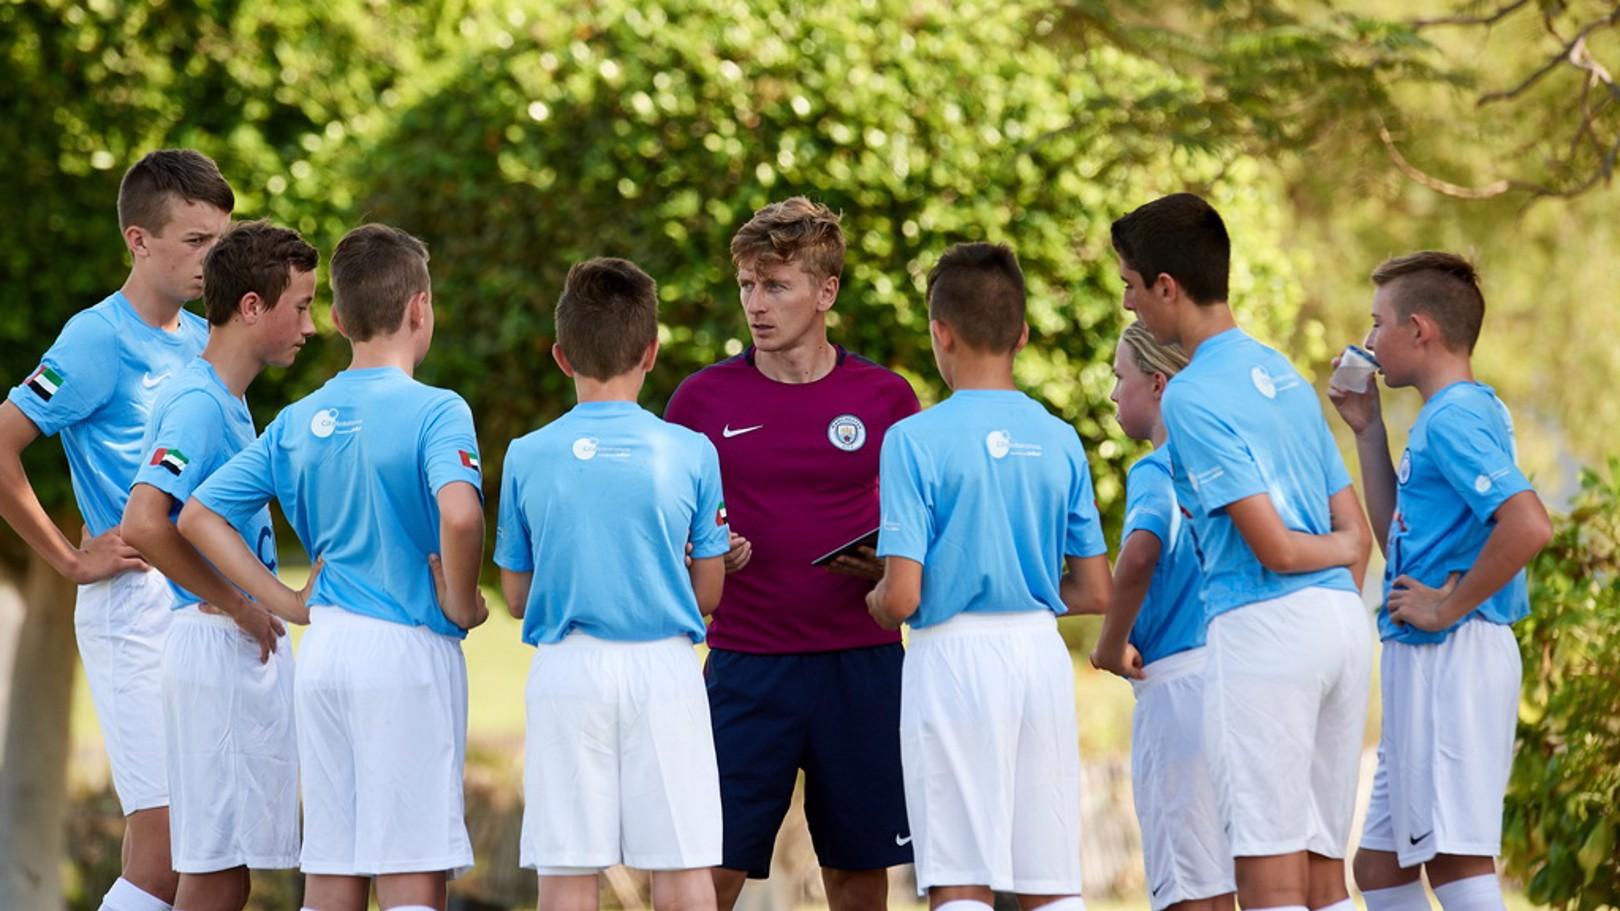 مدارس السيتي لكرة القدم تنظم جلسات تدريبية مجانية في عُمان.